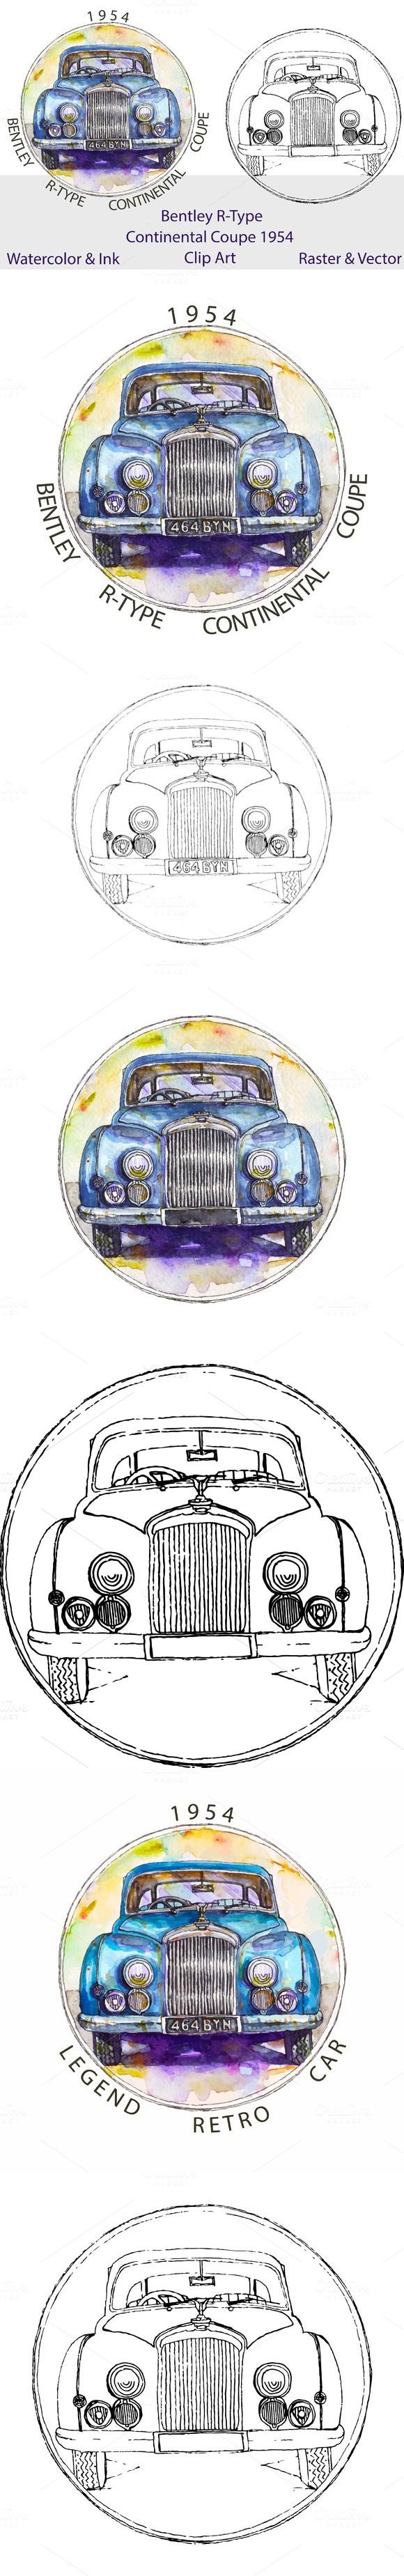 Watercolor Ink Vector Bentley Car Bentley Car And Vector File